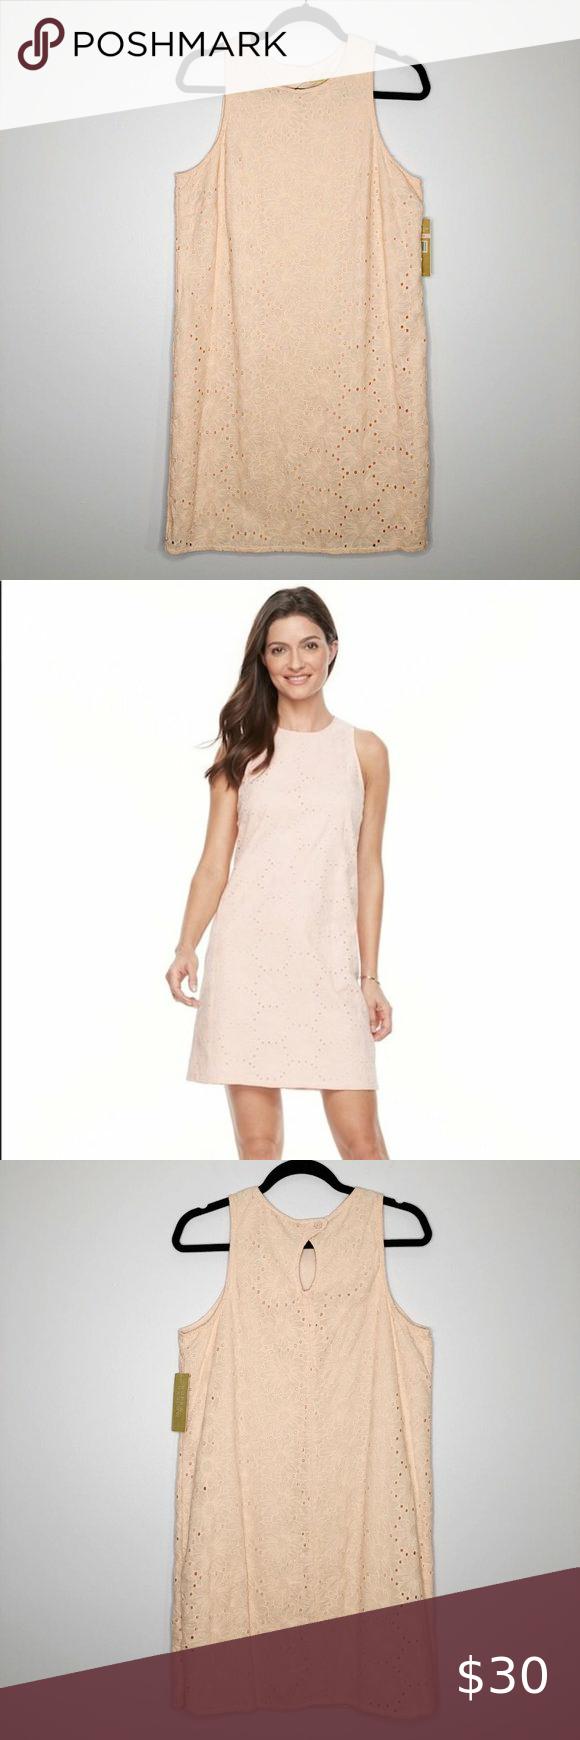 Hope Harlow Pink Floral Eyelet Shift Dress Sz 10 Shift Dress Floral Shift Dress Dresses [ 1740 x 580 Pixel ]